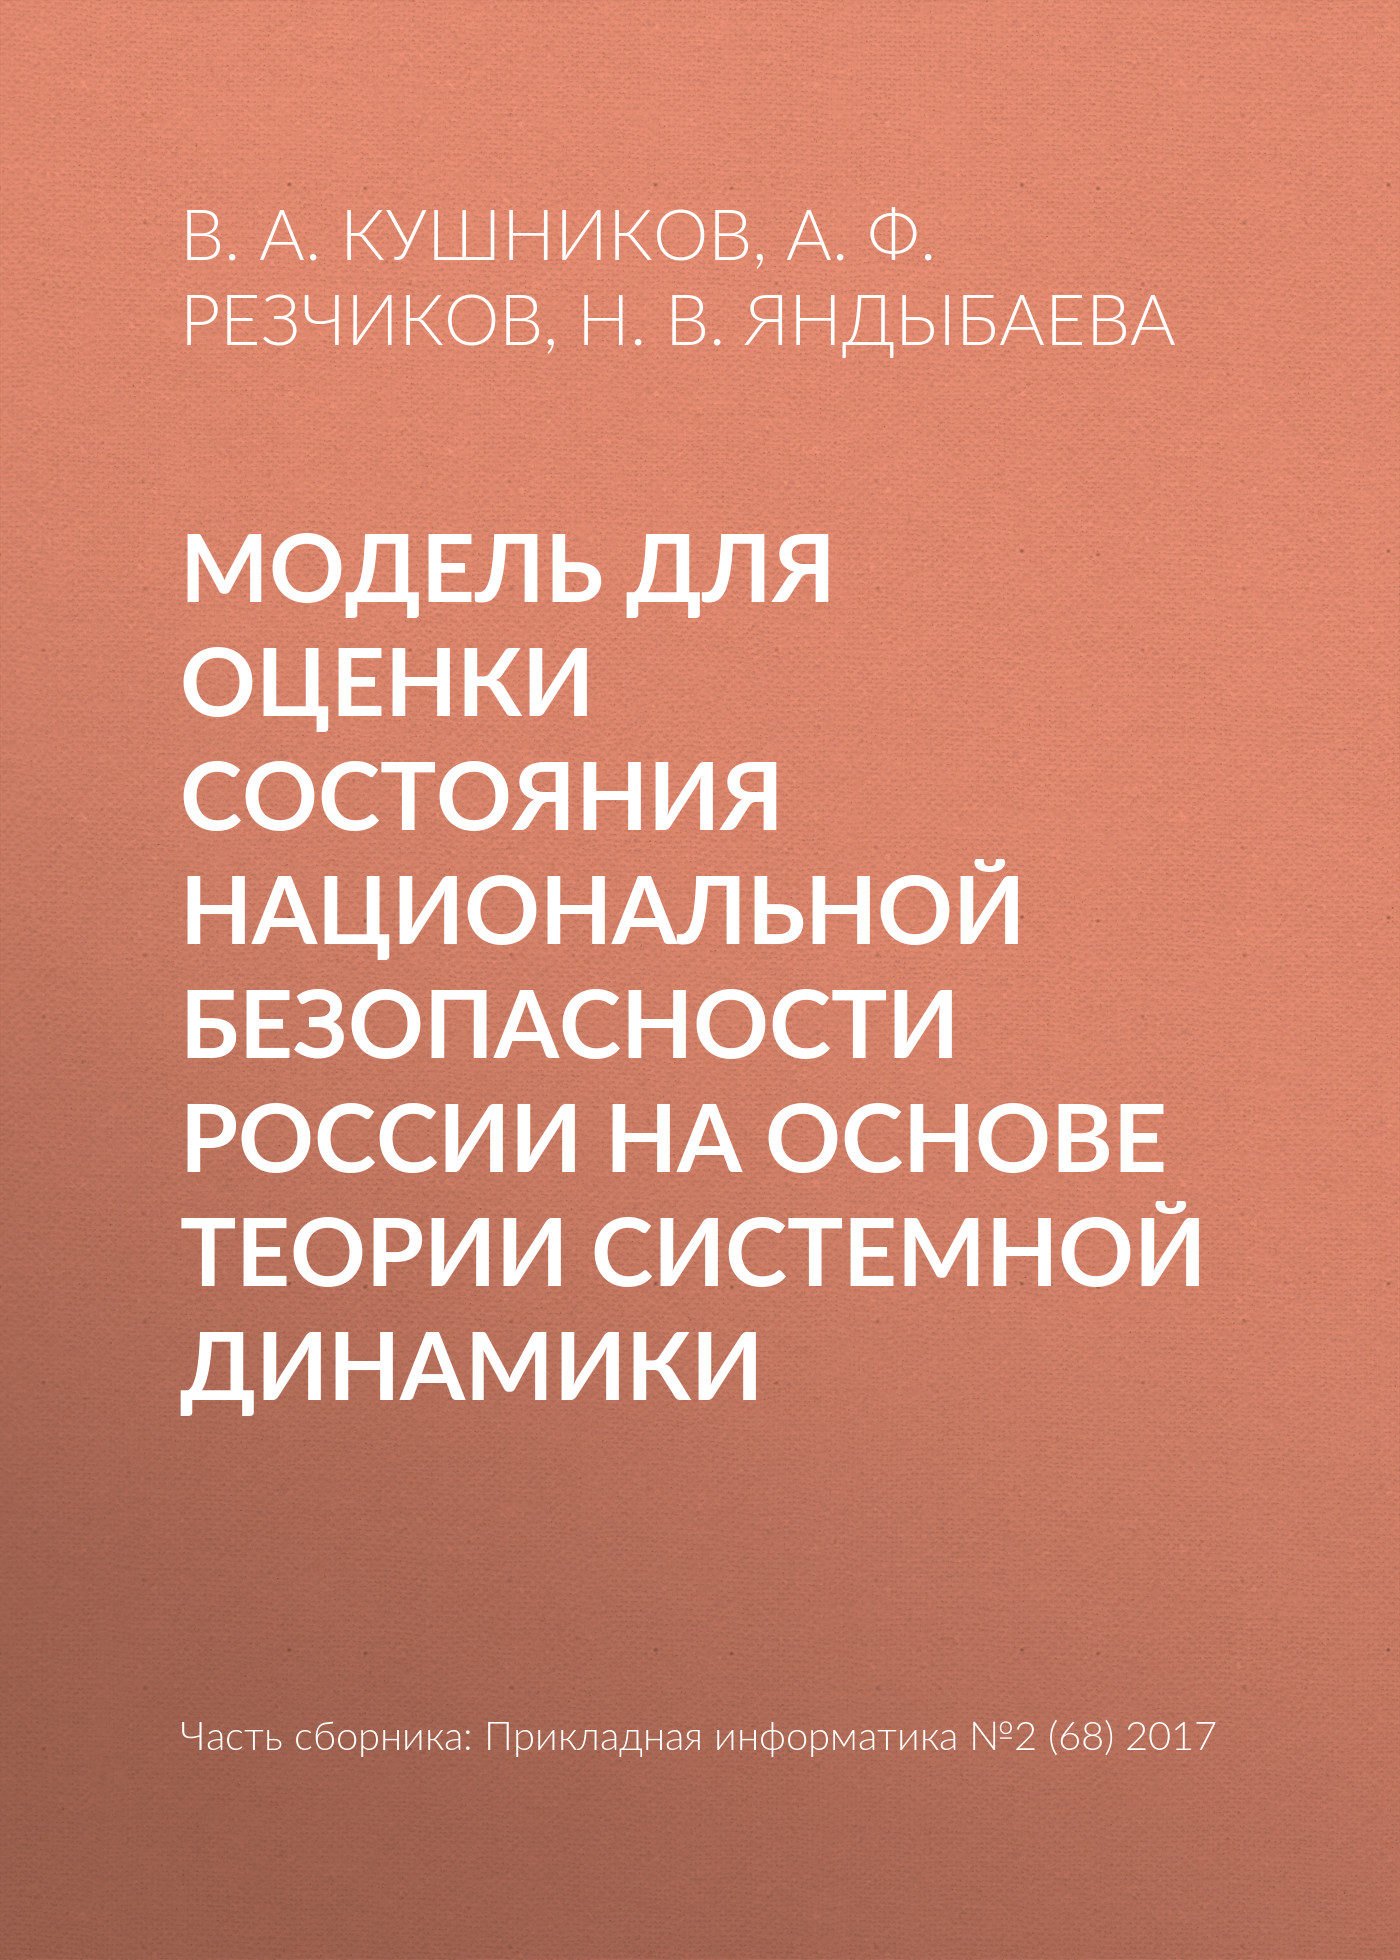 В. А. Кушников Модель для оценки состояния национальной безопасности России на основе теории системной динамики в а литвинов основы национальной безопасности россии